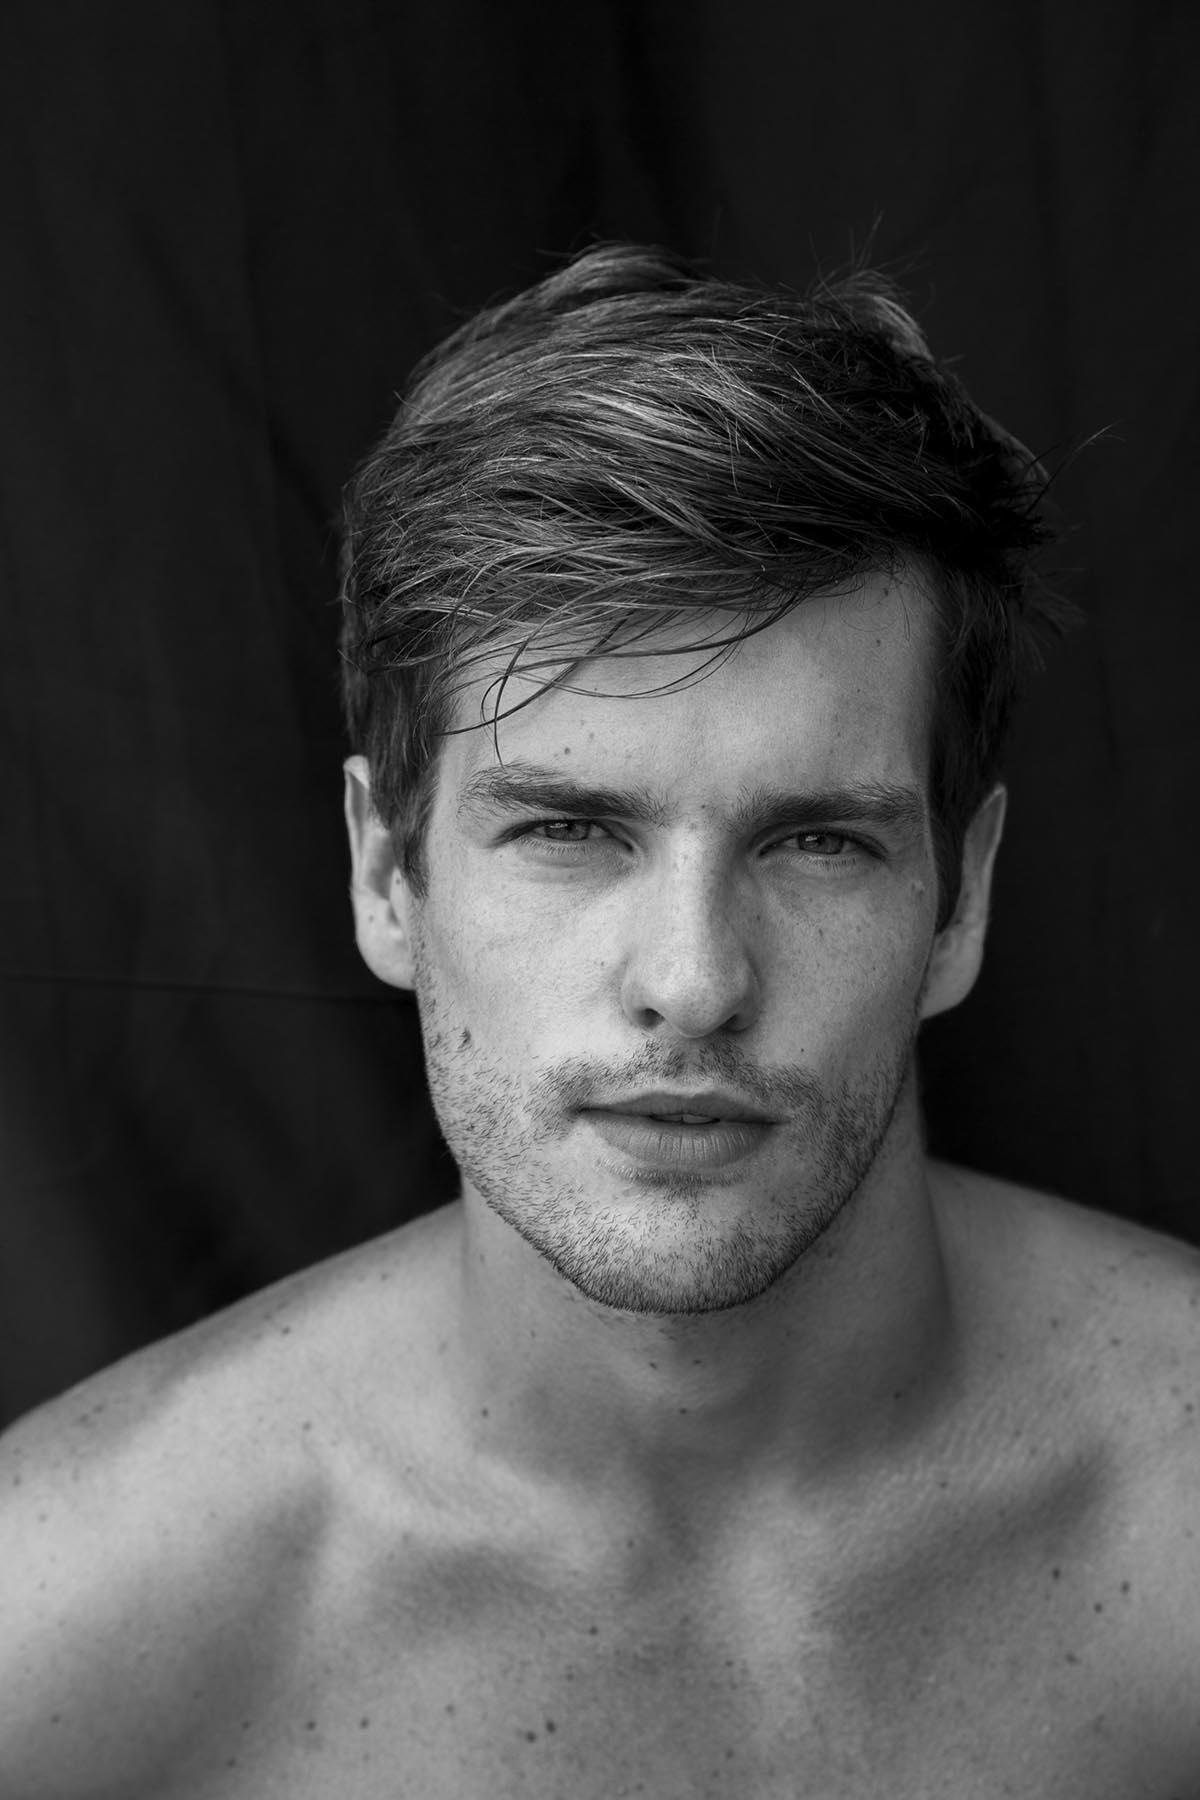 Daniel Grah by Gilson de Rezendeh for Brazilian Male Model